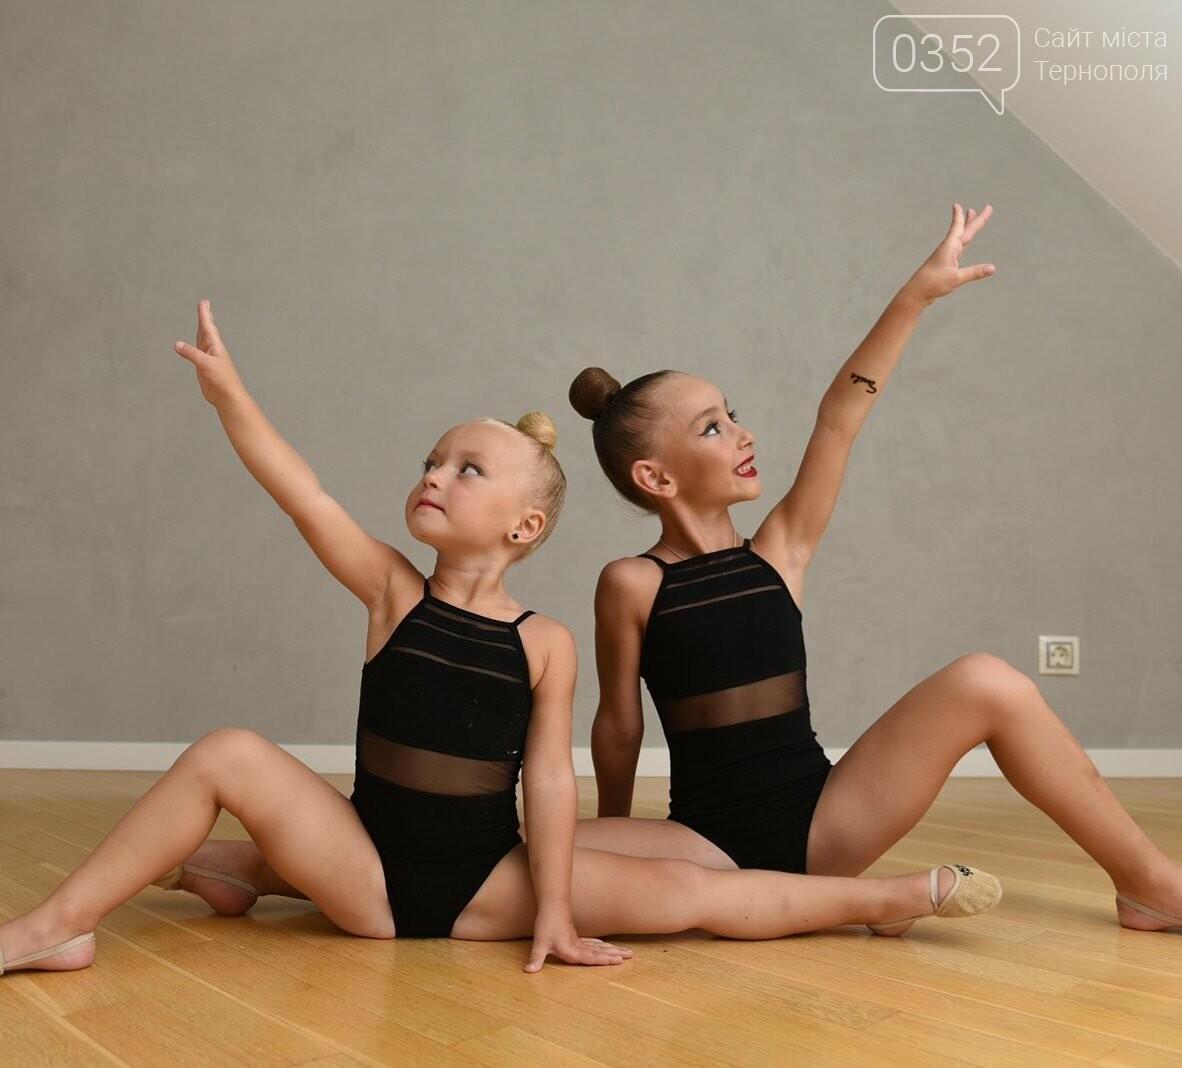 У Тернополі відкрили сучасну школу художньої гімнастики «Принцеса», фото-1